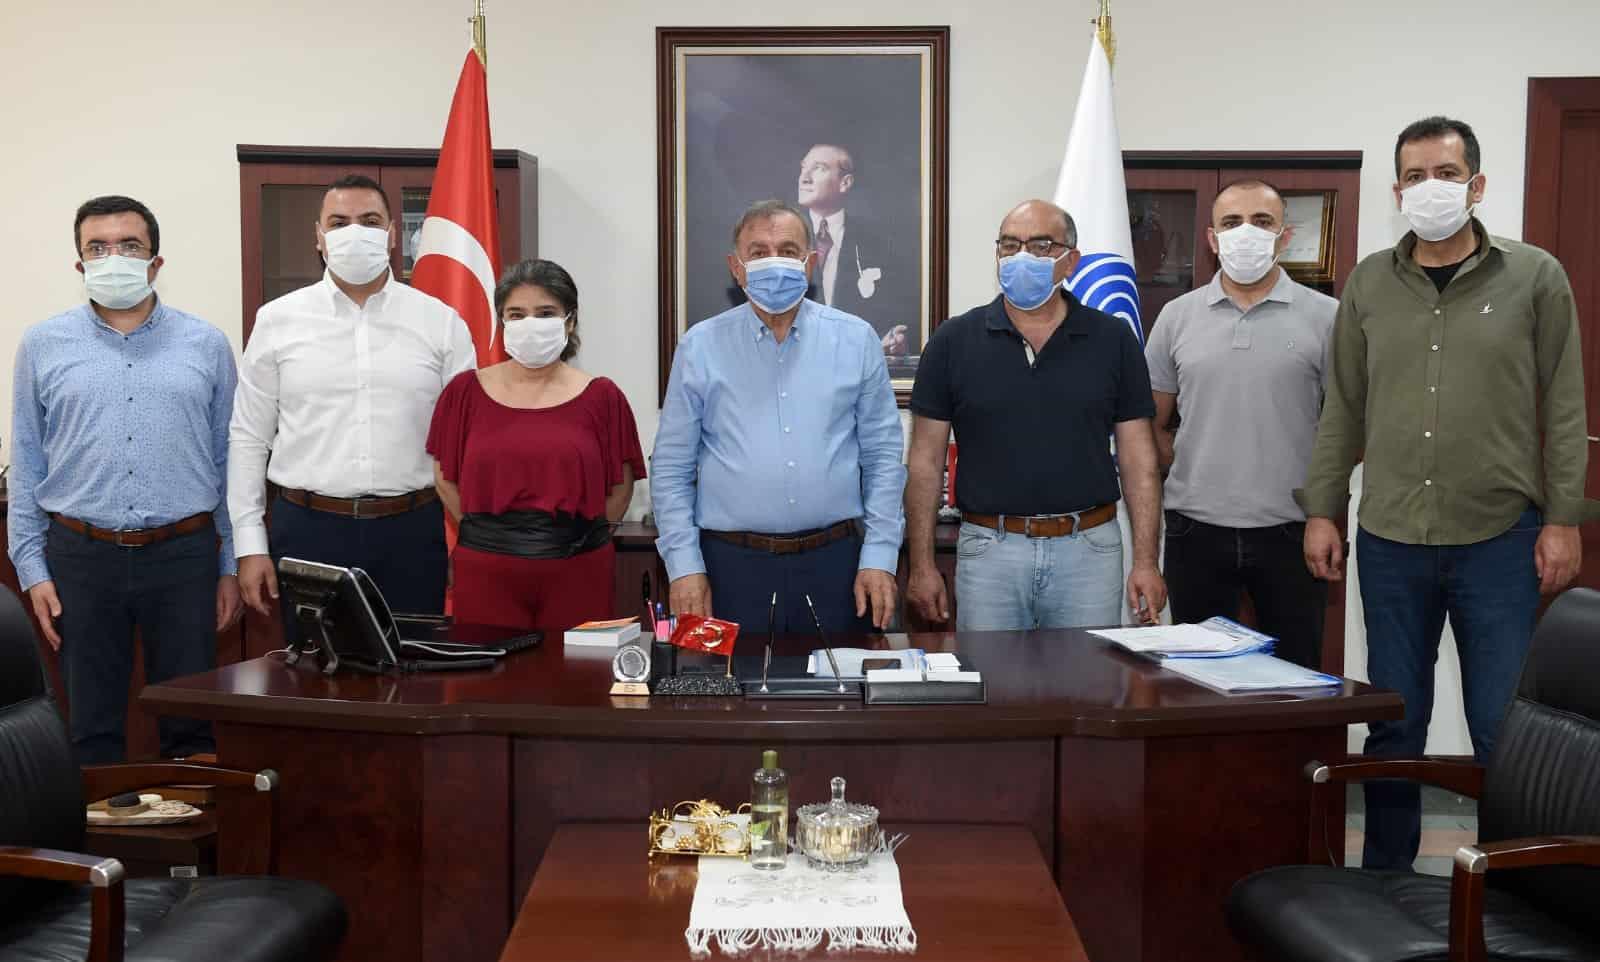 Seyhan'da Kamu Çalışanlarına da '1 MAYIS' İkramiyesi